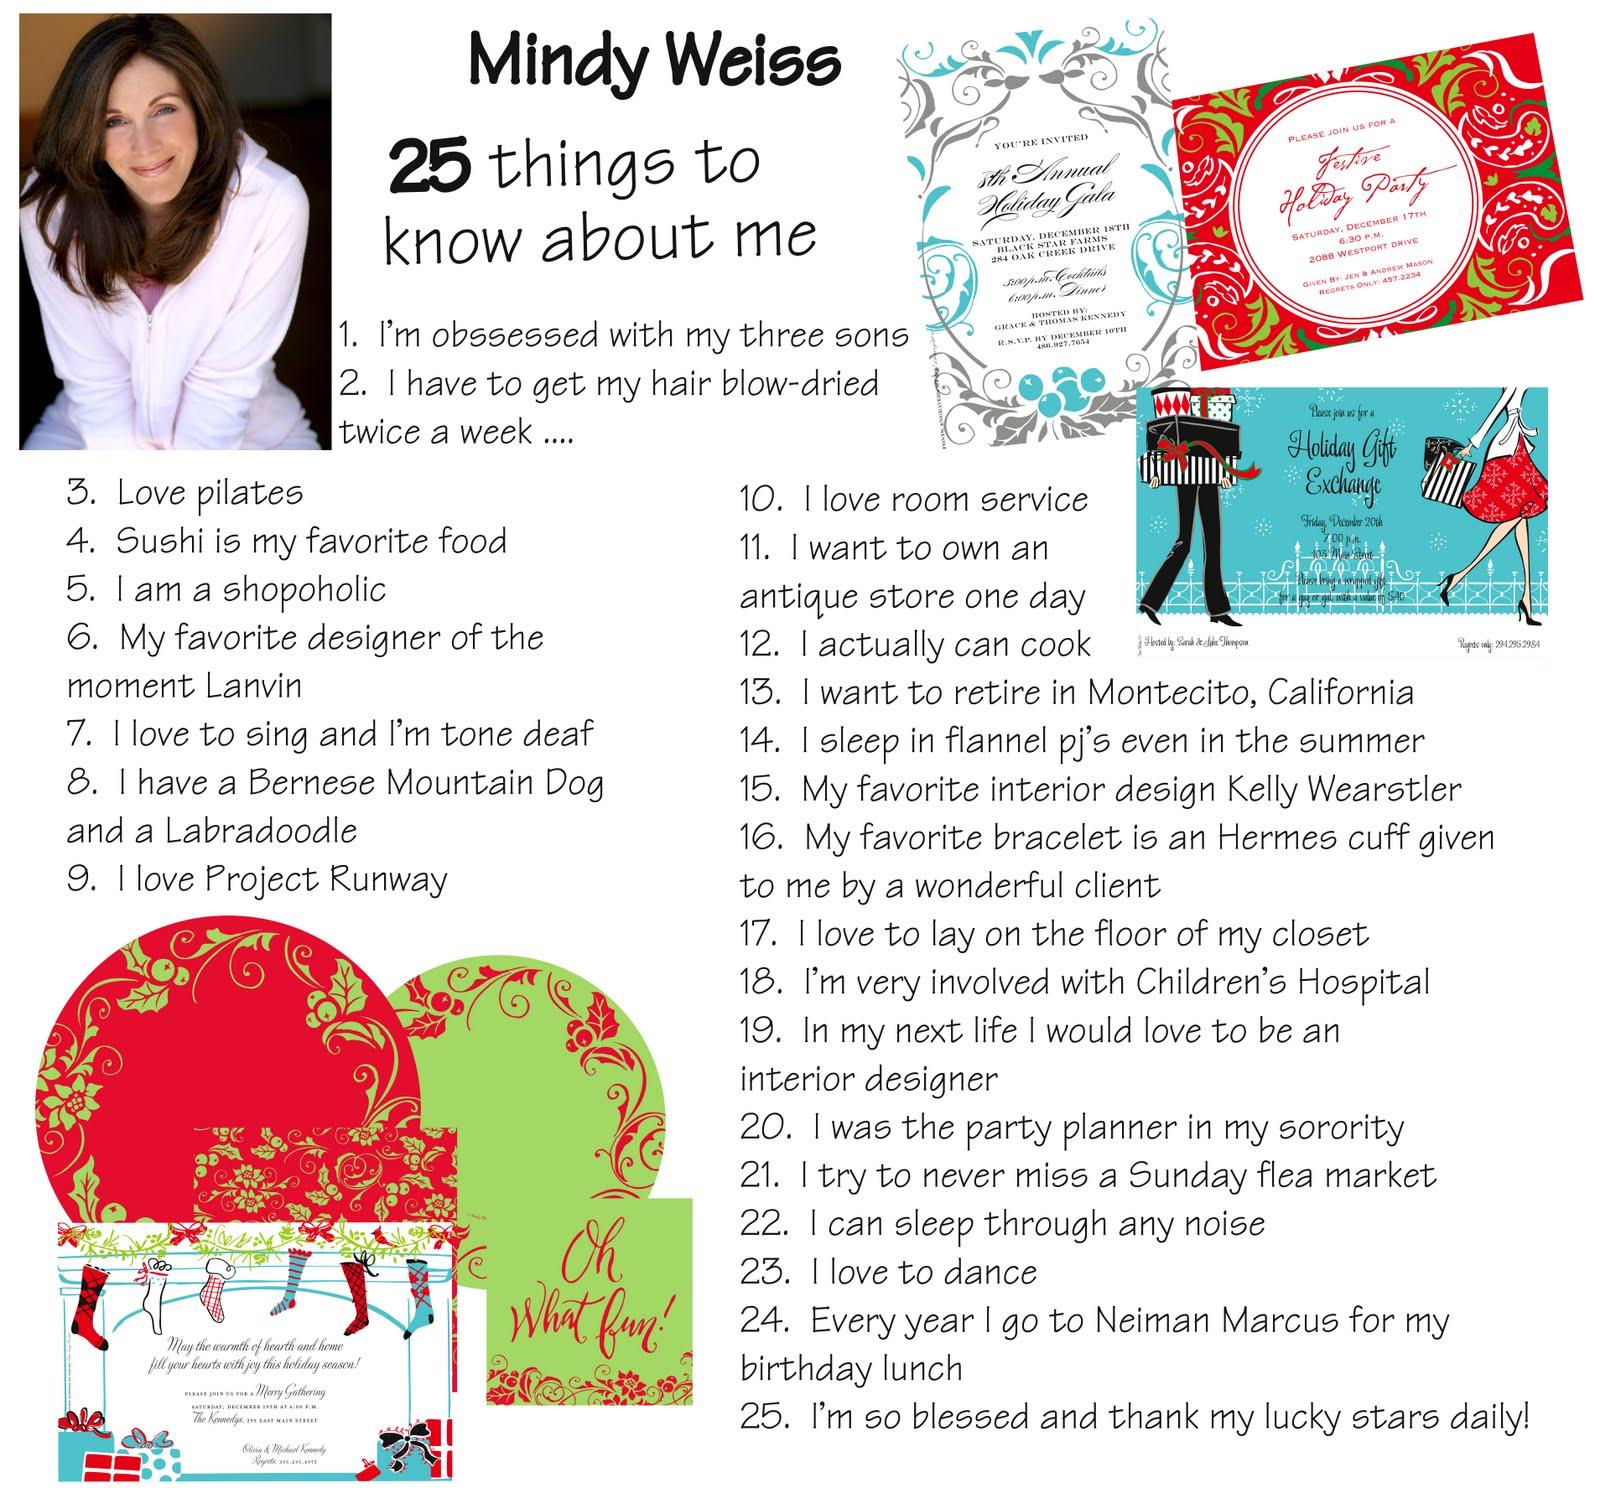 http://4.bp.blogspot.com/_OvjfLn5aZuo/TH-yozOTQ1I/AAAAAAAABhE/5bpcCRALvoQ/s1600/mindy+weiss.jpg